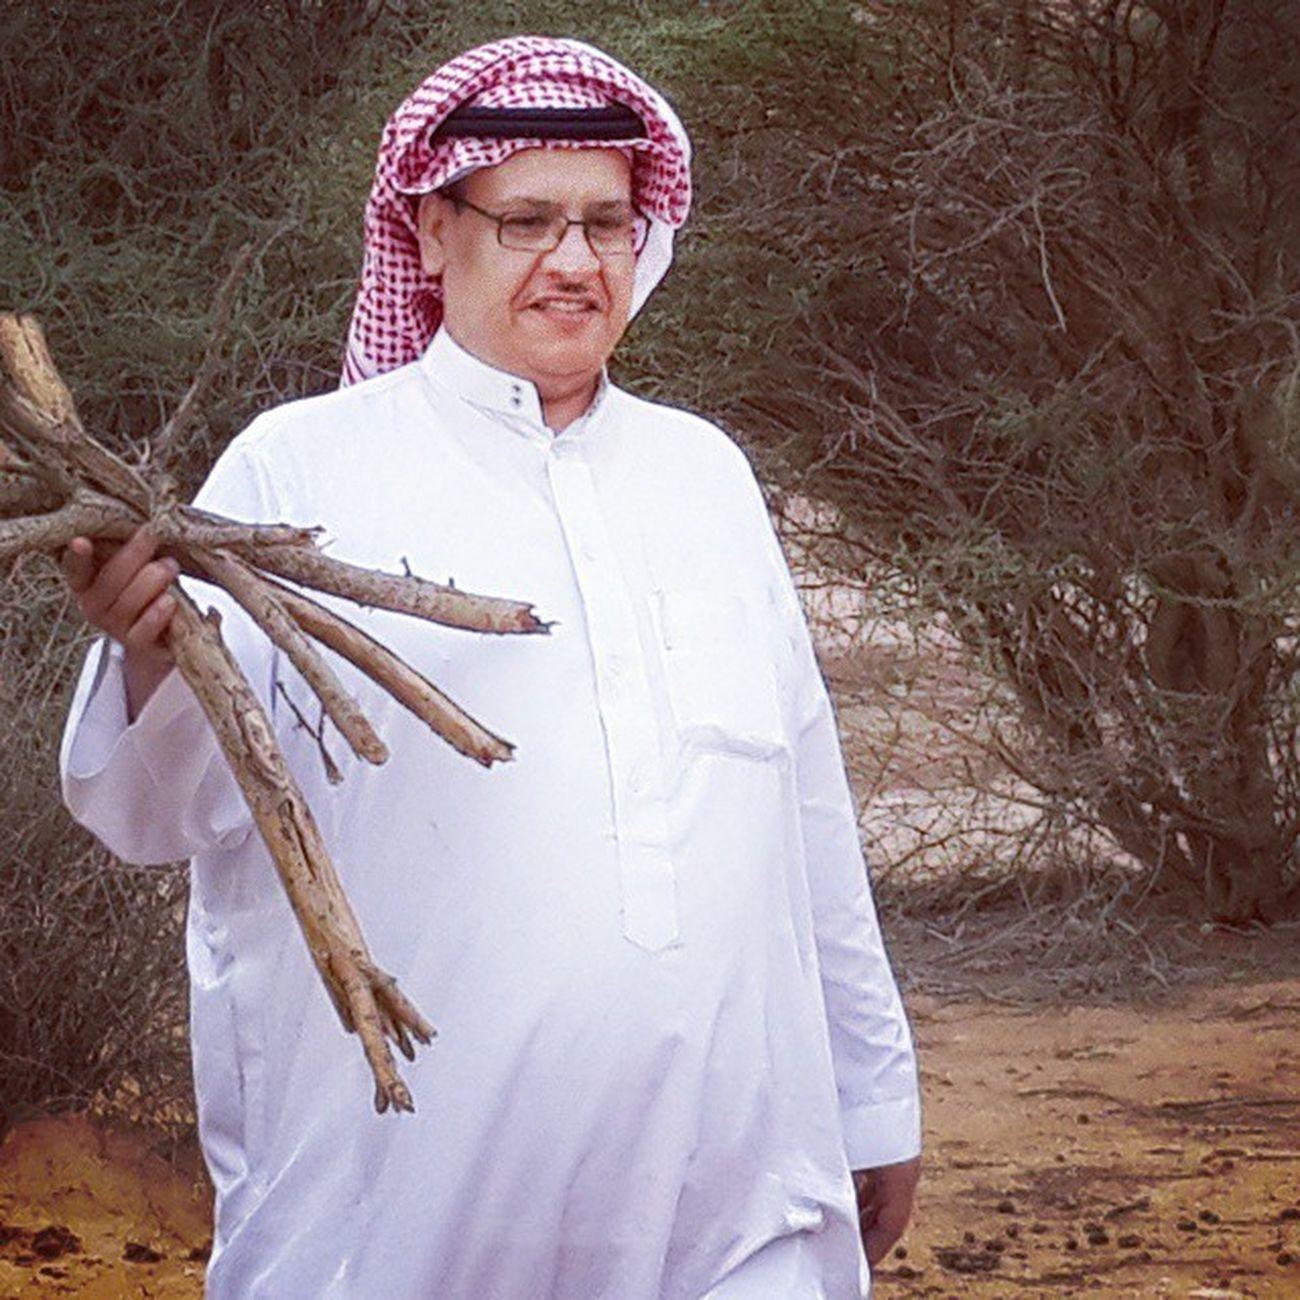 ابوعمر الهيلا 511 خالدعمرالعتيبي الخرج_الآن الخرج_اليوم الخرج